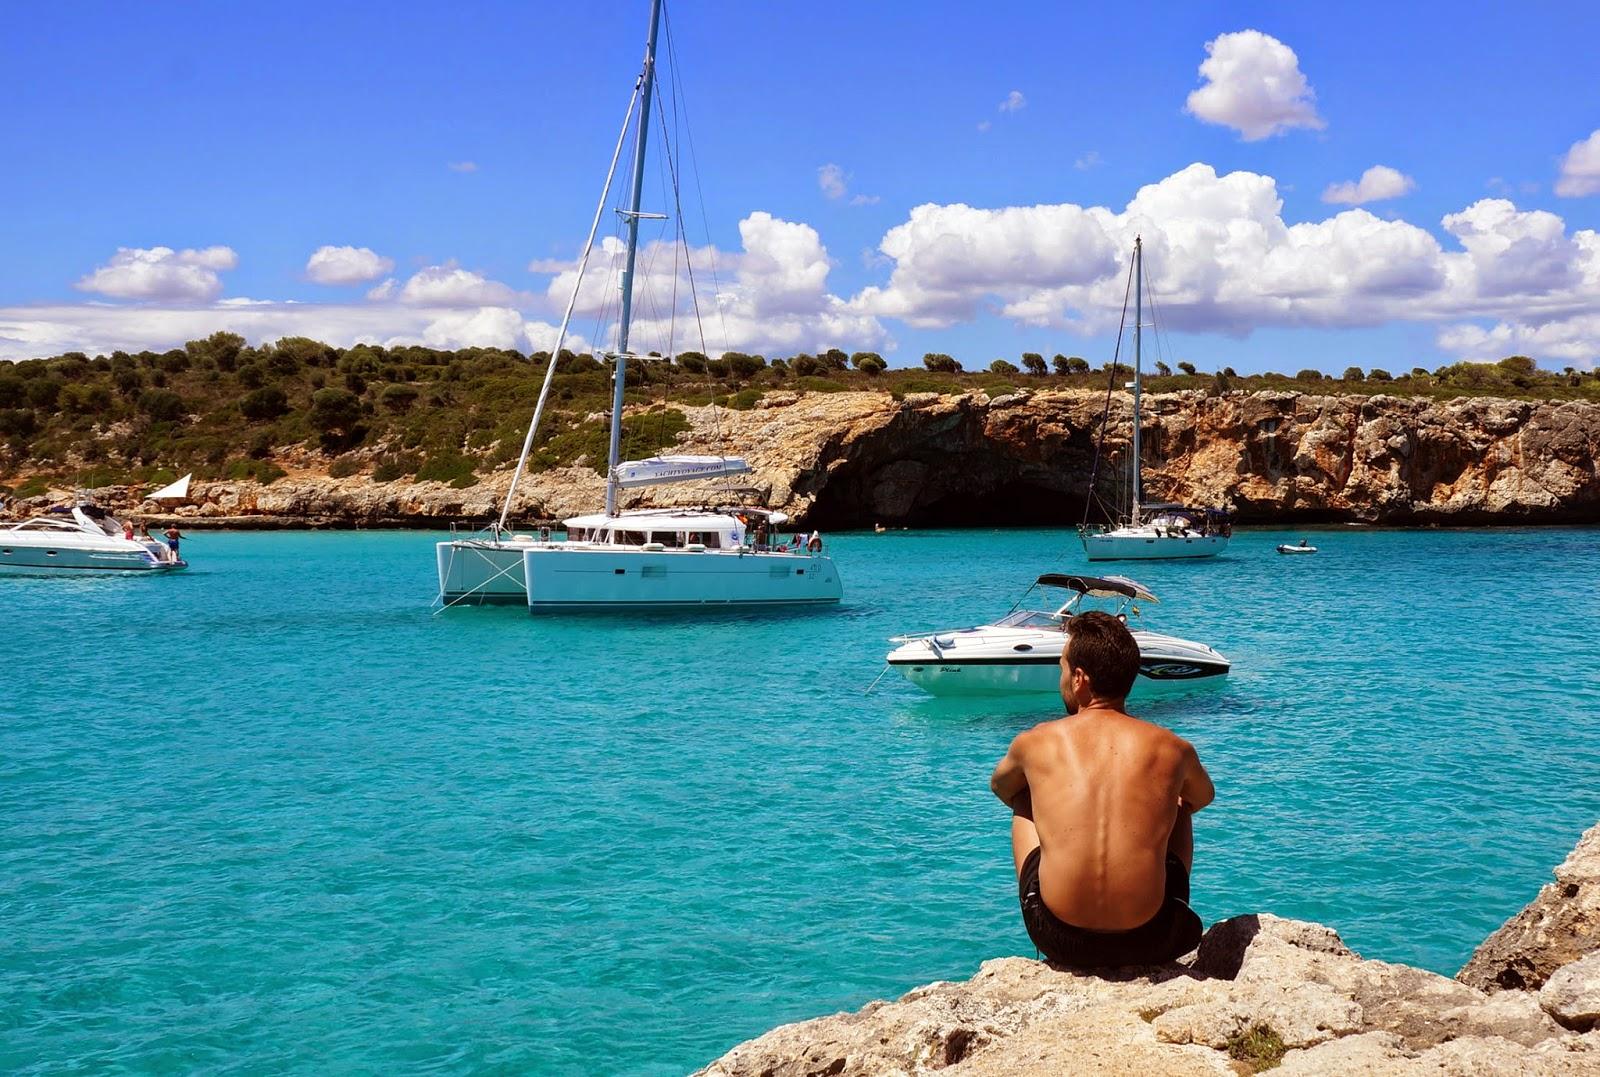 Viaje a Mallorca. 7 días en la capital de las Islas Baleares.